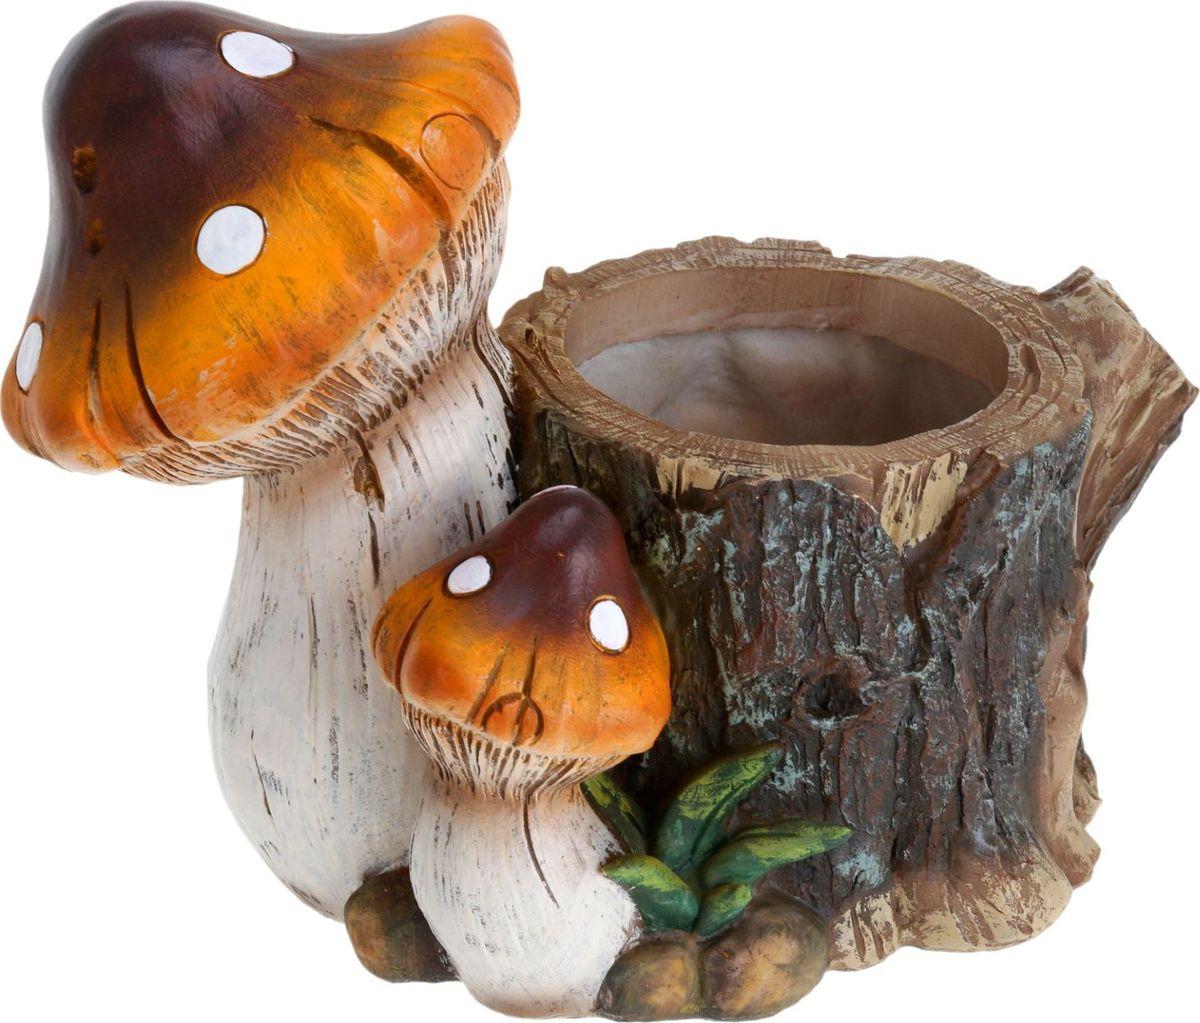 Фигура садовая Пень с грибами, с подставкой для кашпо, 28 х 15 х 22 см1224061Летом практически каждая семья стремится проводить больше времени за городом. Прекрасный выбор для комфортного отдыха и эффективного труда на даче, который будет радовать вас достойным качеством.